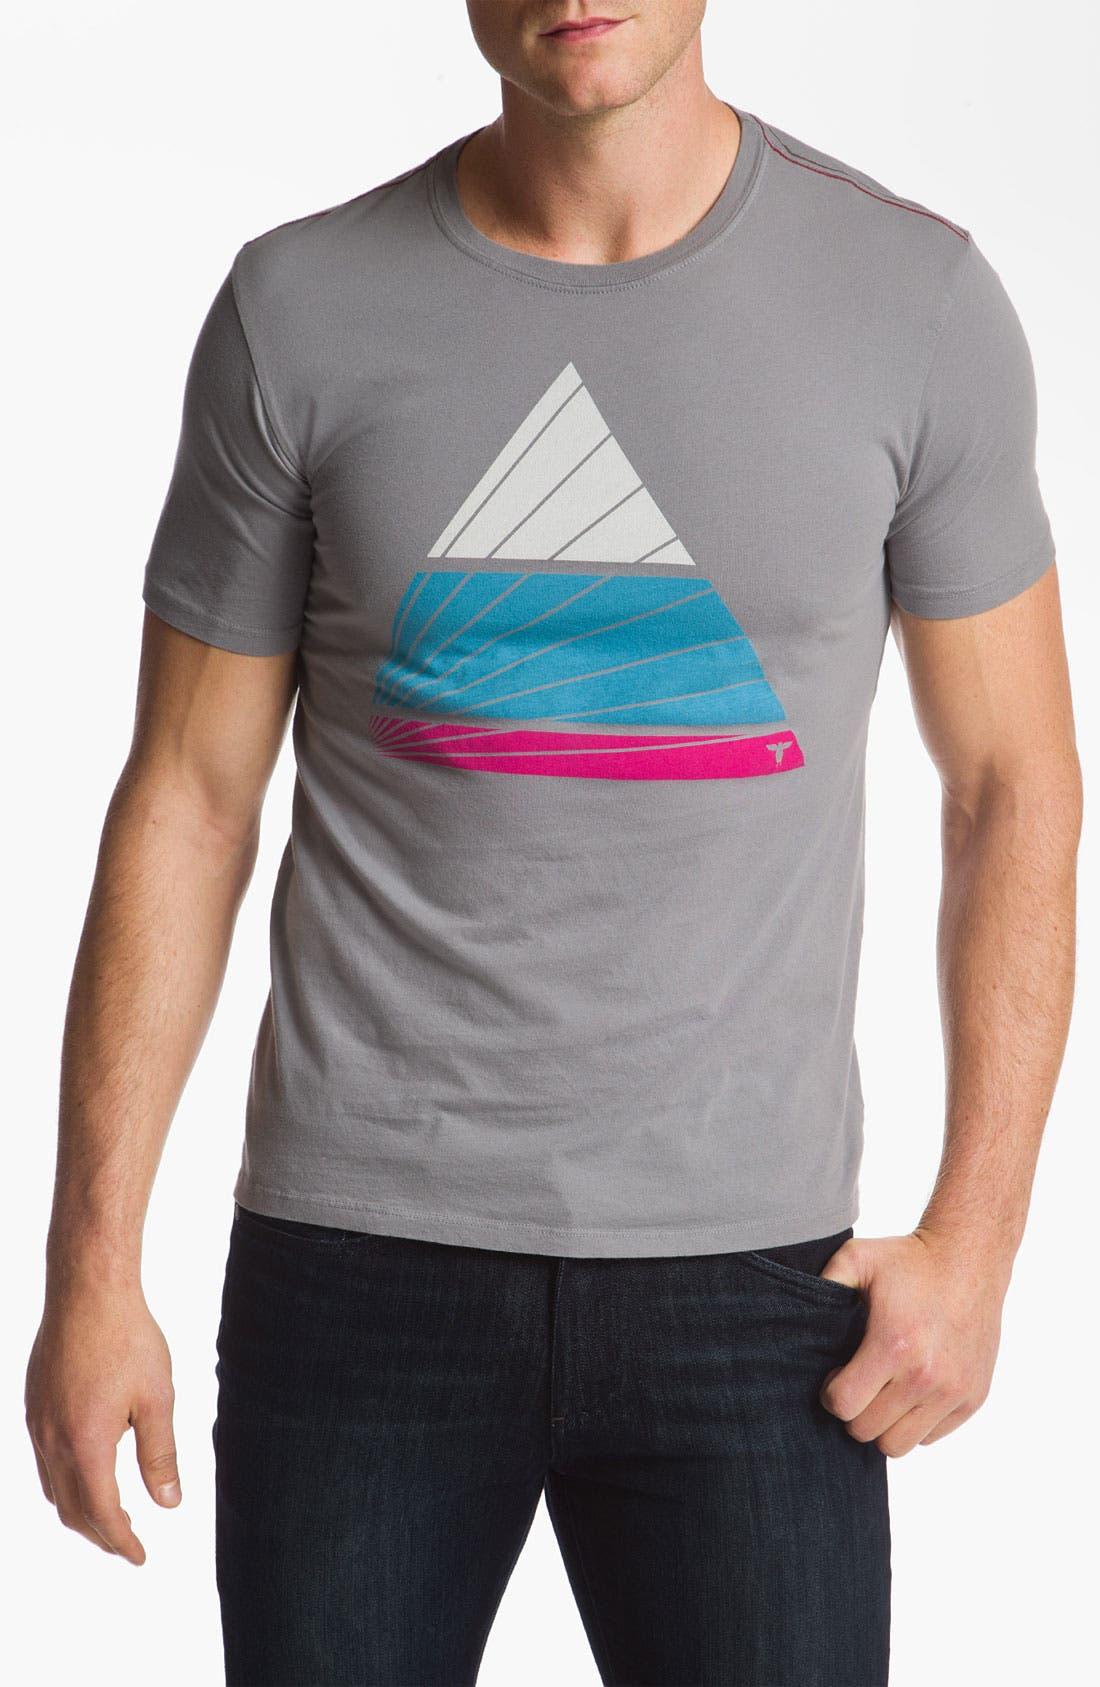 Main Image - Topo Ranch 'Wringer Wash Pyramid' Graphic T-Shirt